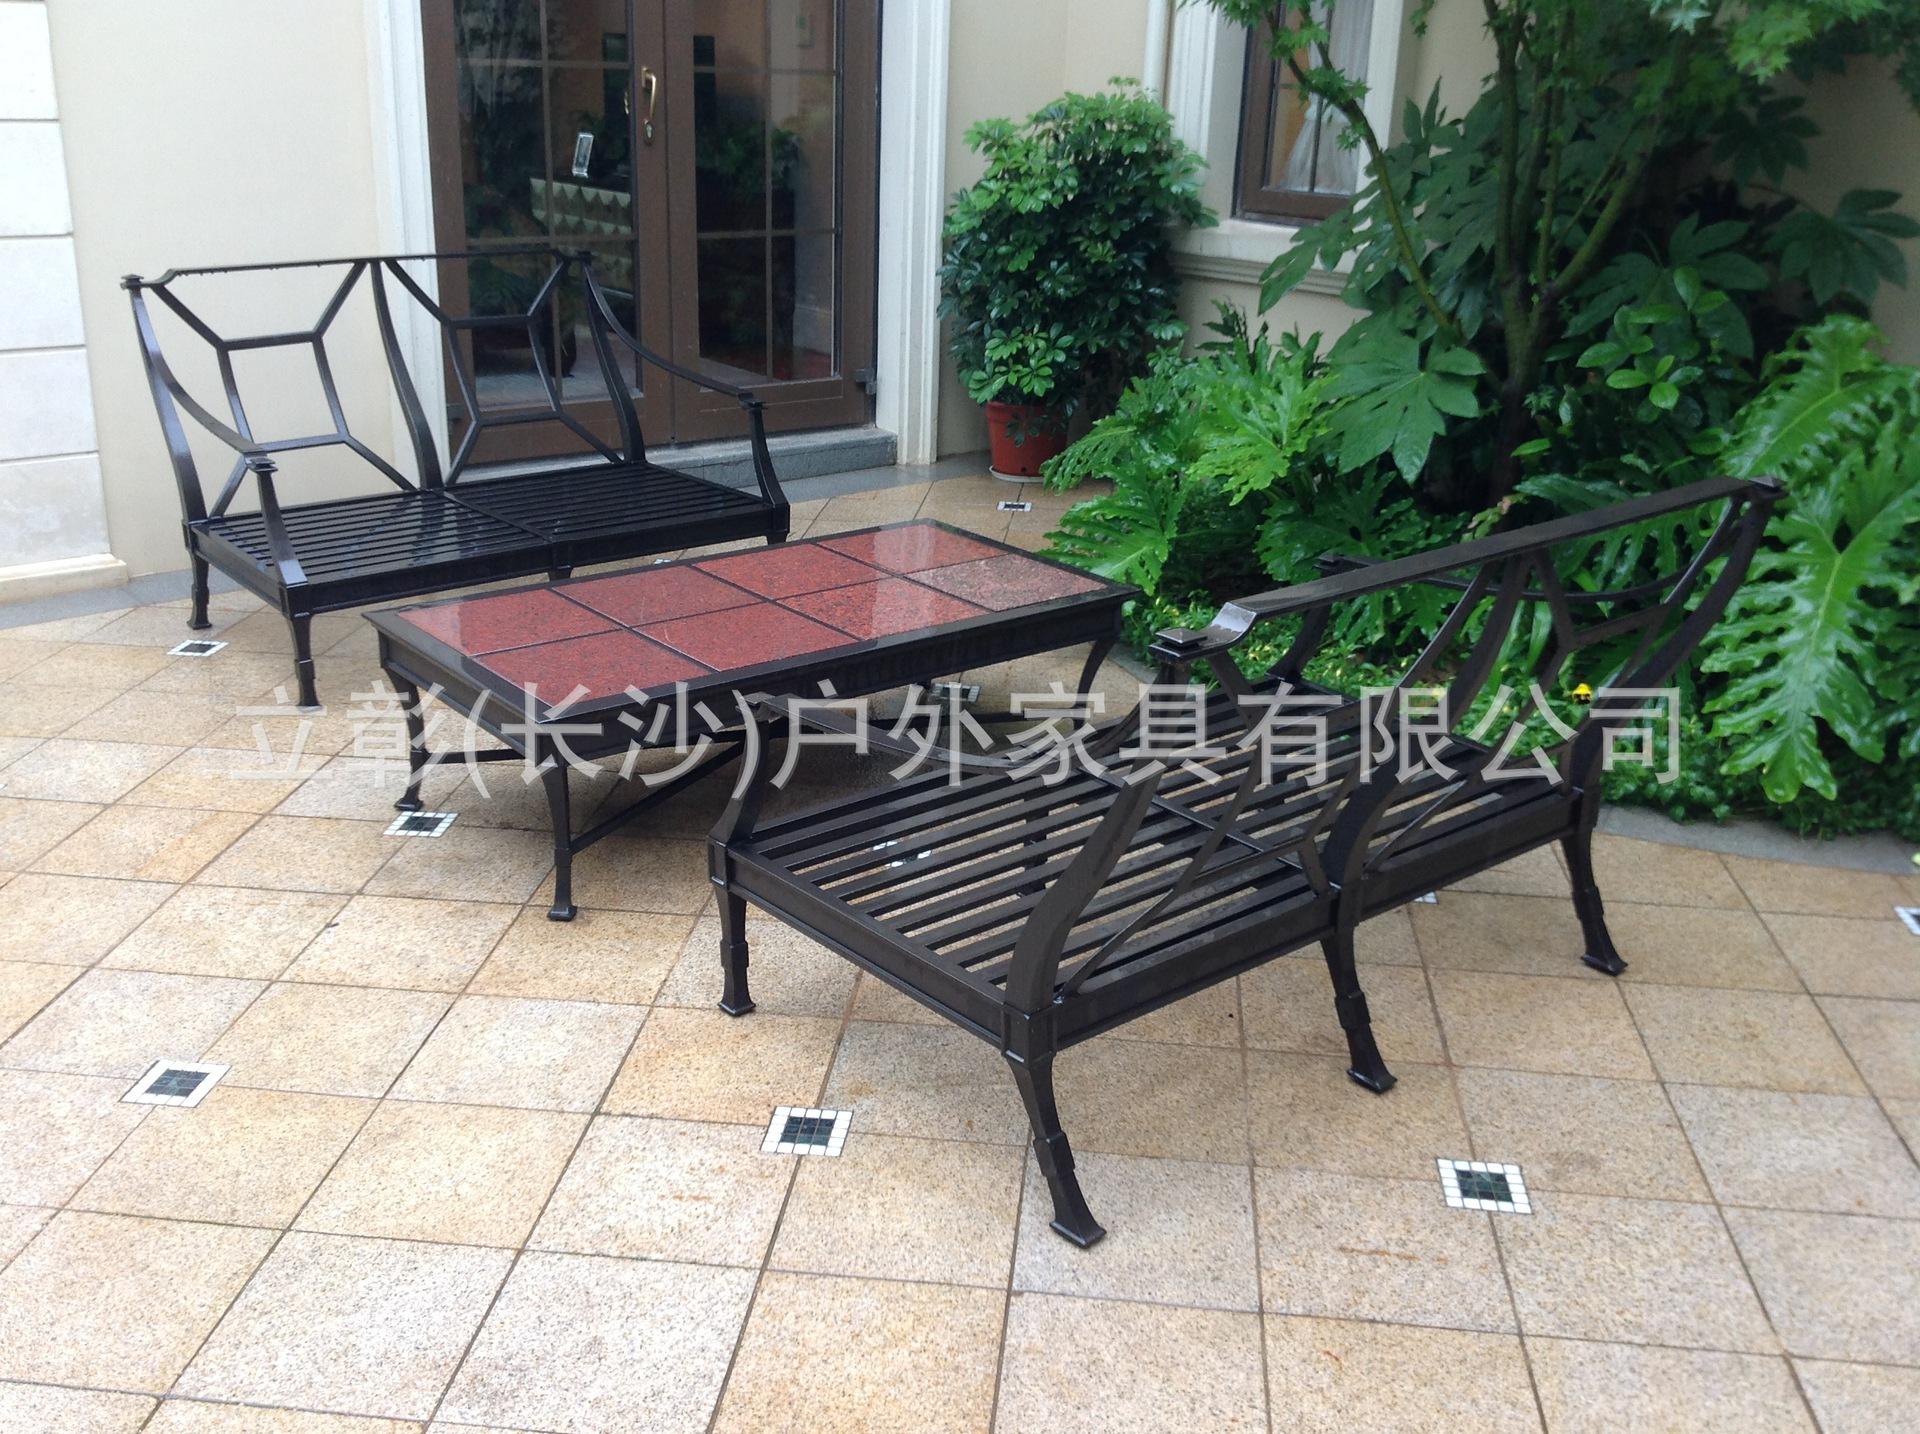 厂家批发金属户外家具铸铝桌椅 室外休闲桌椅茶几 可定做